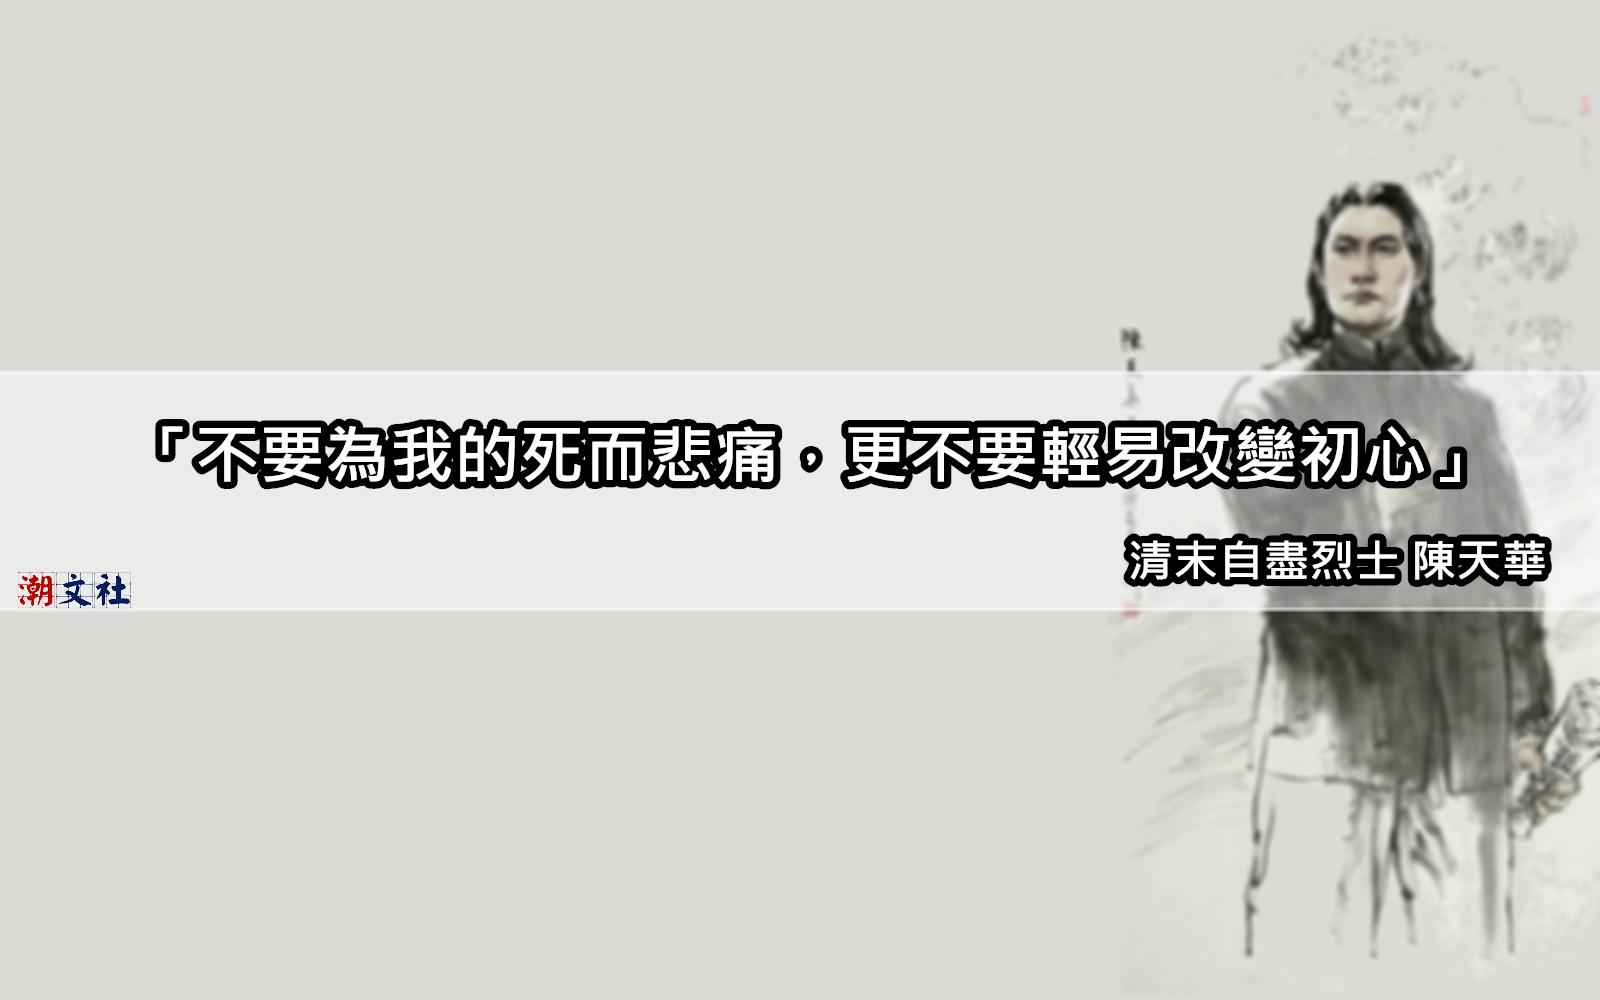 「以死相諫」───由陳天華說起